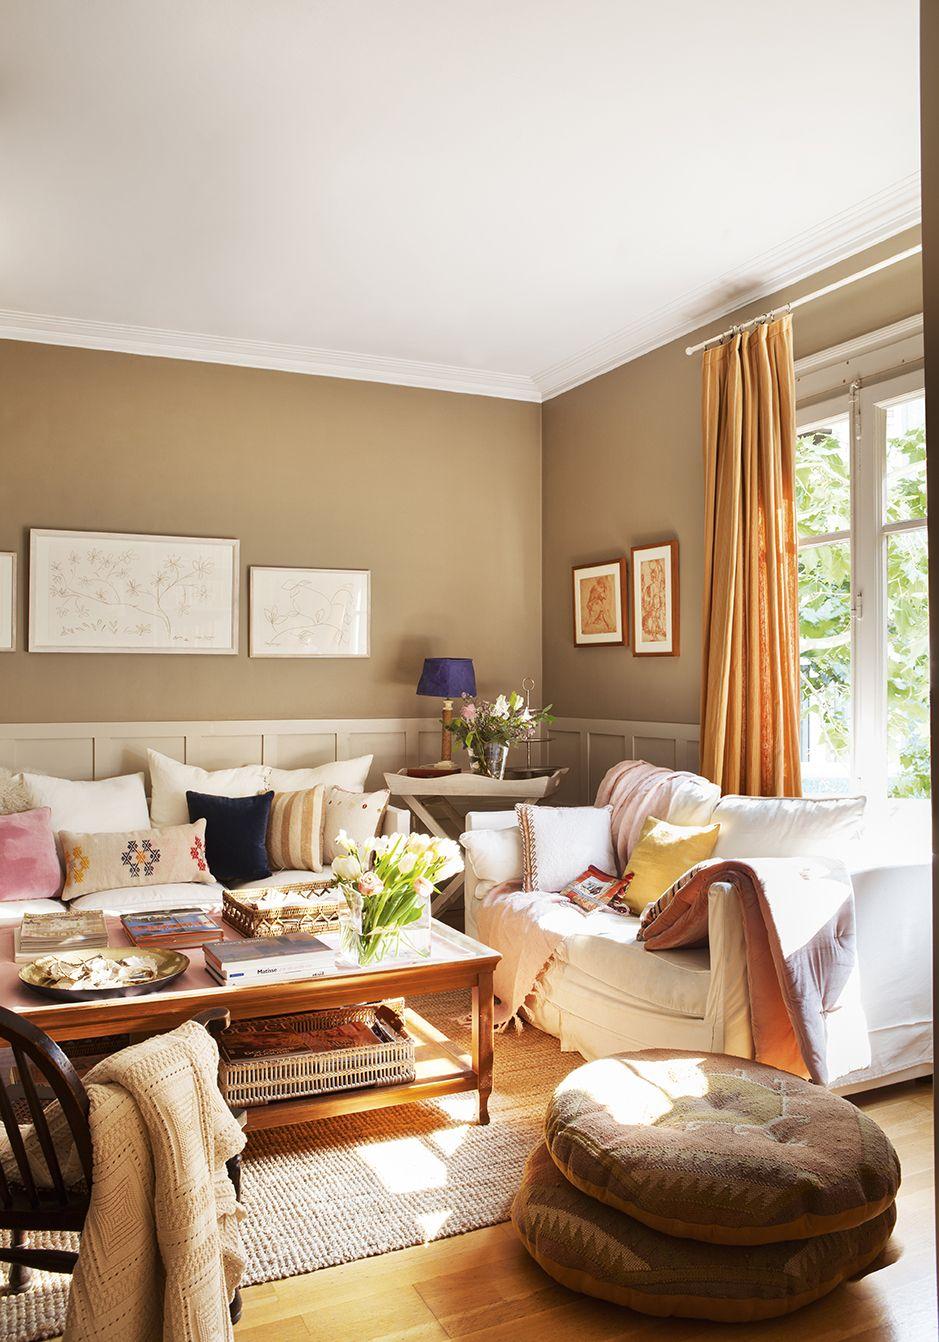 Sal n con cuadros en las paredes decorado en tonos beige y naranja 00427967 decoracion para mi - Salones rusticos pequenos ...